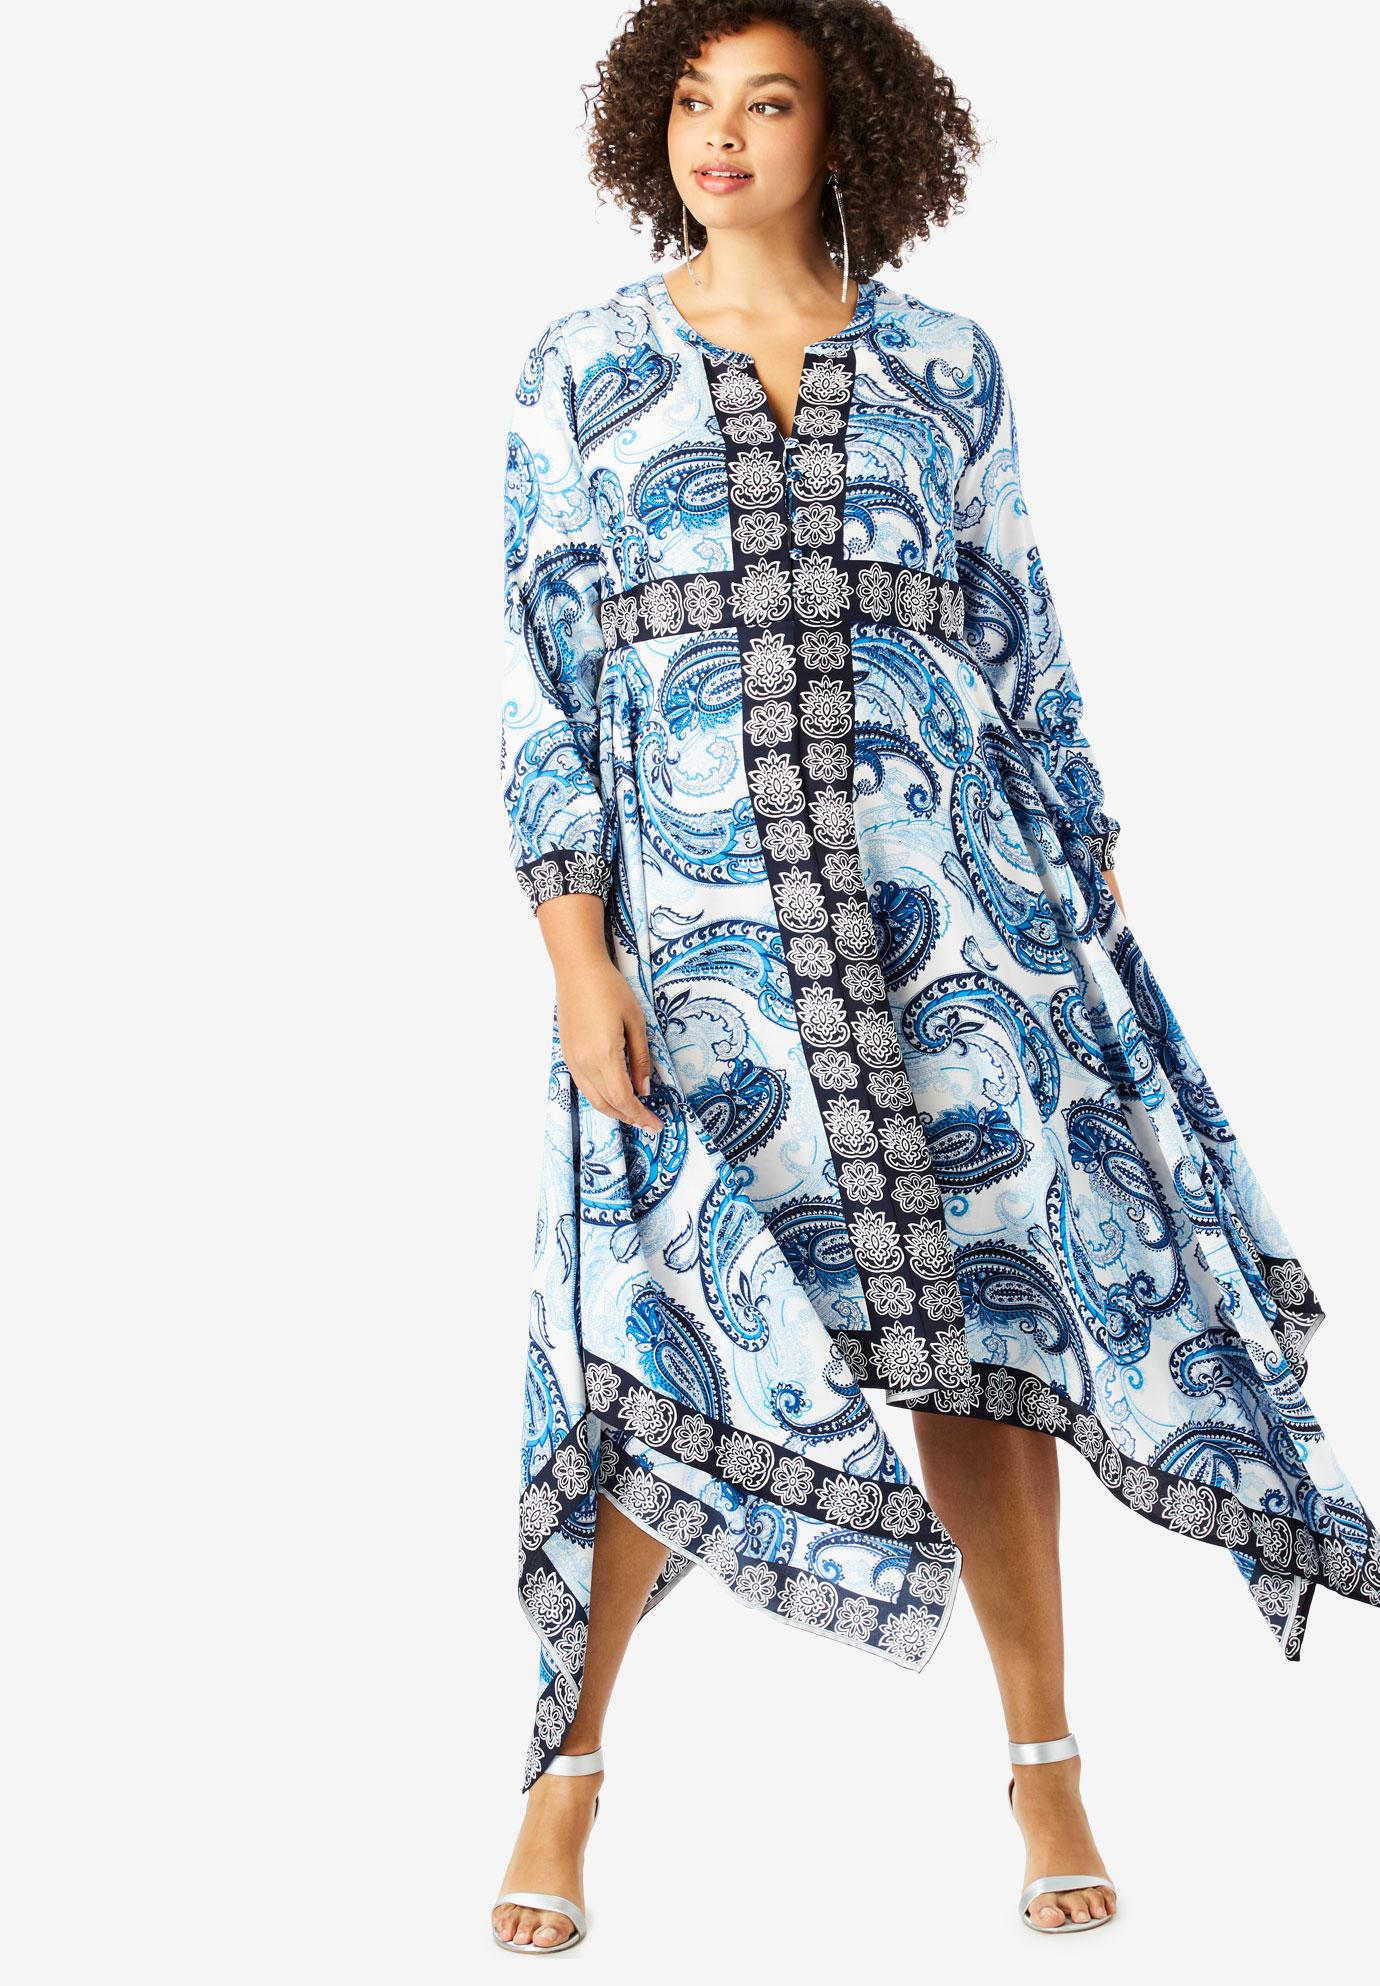 Long Handkerchief-Hem Dress   Plus Size Casual Dresses   Full Beauty